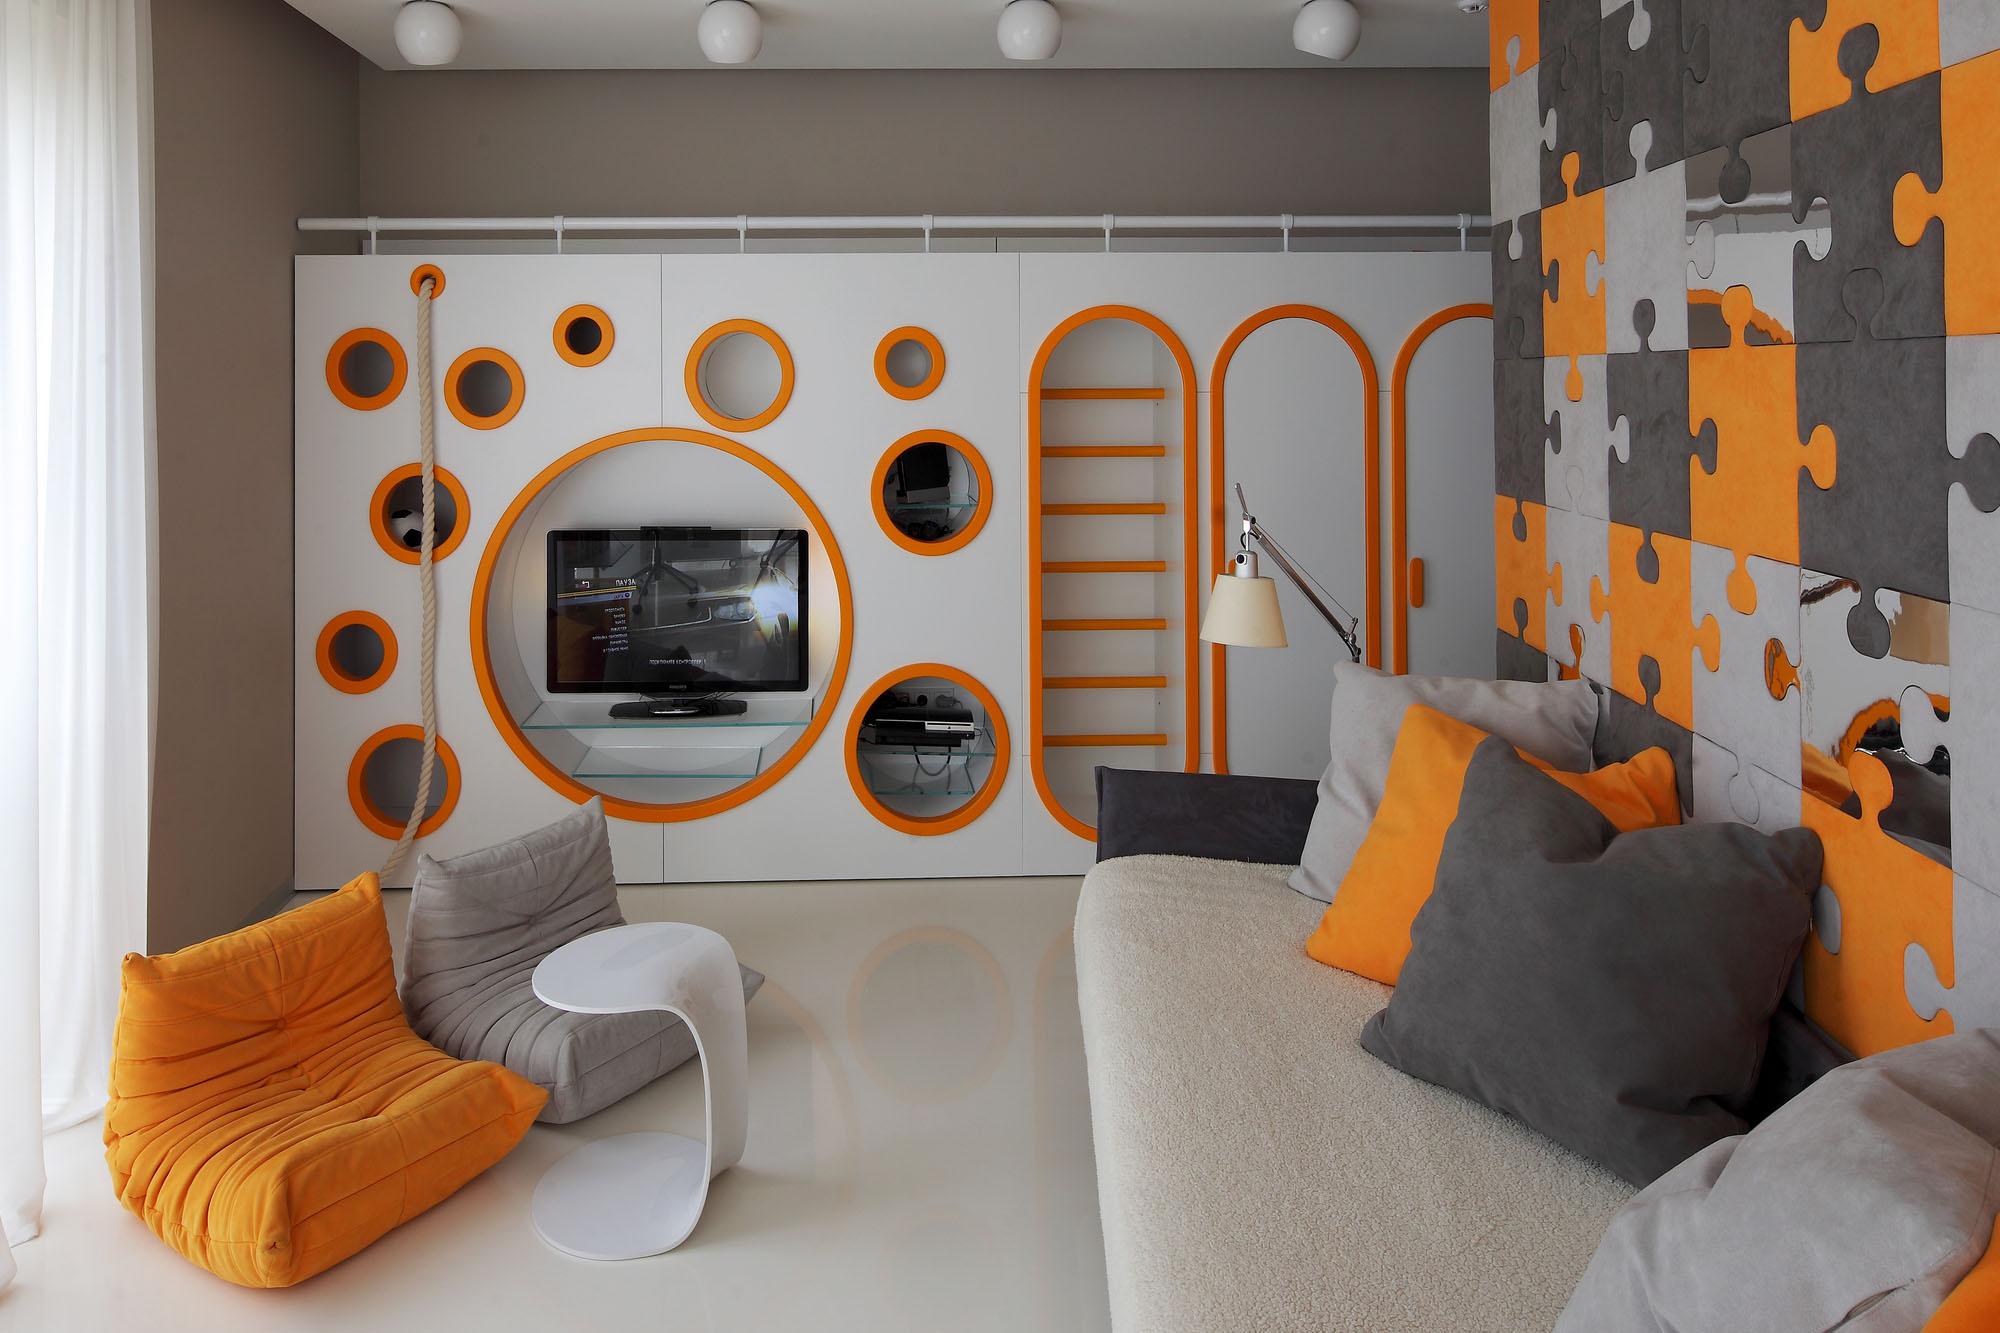 картинки оригинальных комнат означает звучащее французский